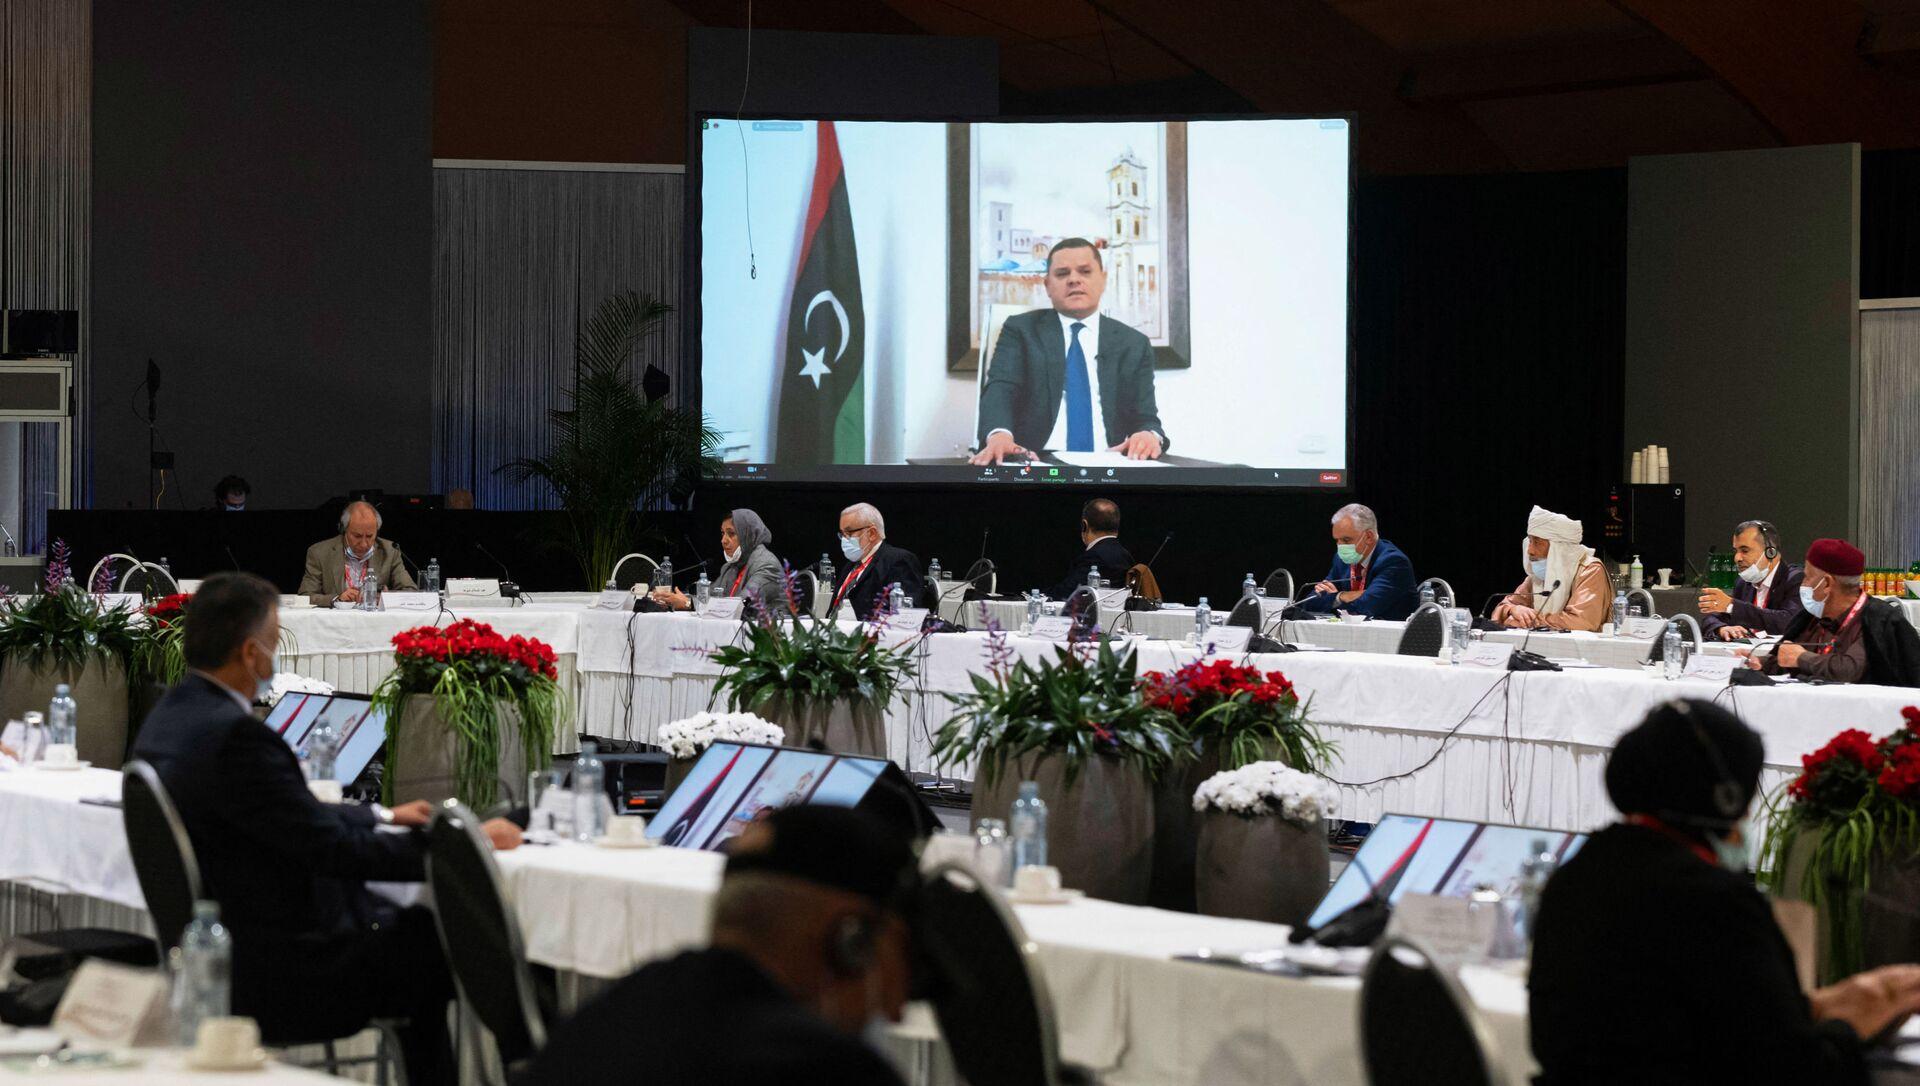 Cette photo prise le 3 février 2021 dans un lieu non divulgué près de Genève et diffusée par les Nations unies (ONU) montre Abdul Hamid Mohammed Dbeibah prononçant un discours par liaison vidéo lors d'une réunion du Forum de dialogue politique libyen (LPDF). - Les délégués libyens aux pourparlers facilités par les Nations unies le 5 février 2021 ont choisi Abdul Hamid Mohammed Dbeibah comme premier ministre de transition, ainsi qu'un conseil présidentiel de trois membres, pour gouverner ce pays d'Afrique du Nord ravagé par la guerre jusqu'aux élections de décembre. (Photo by Handout / UNITED NATIONS / AFP) / RESTRICTED TO EDITORIAL USE - MANDATORY CREDIT AFP PHOTO/ UNITED NATIONS - NO MARKETING - NO ADVERTISING CAMPAGNES - DISTRIBUTED AS A SERVICE TO CLIENTS - Sputnik France, 1920, 08.02.2021